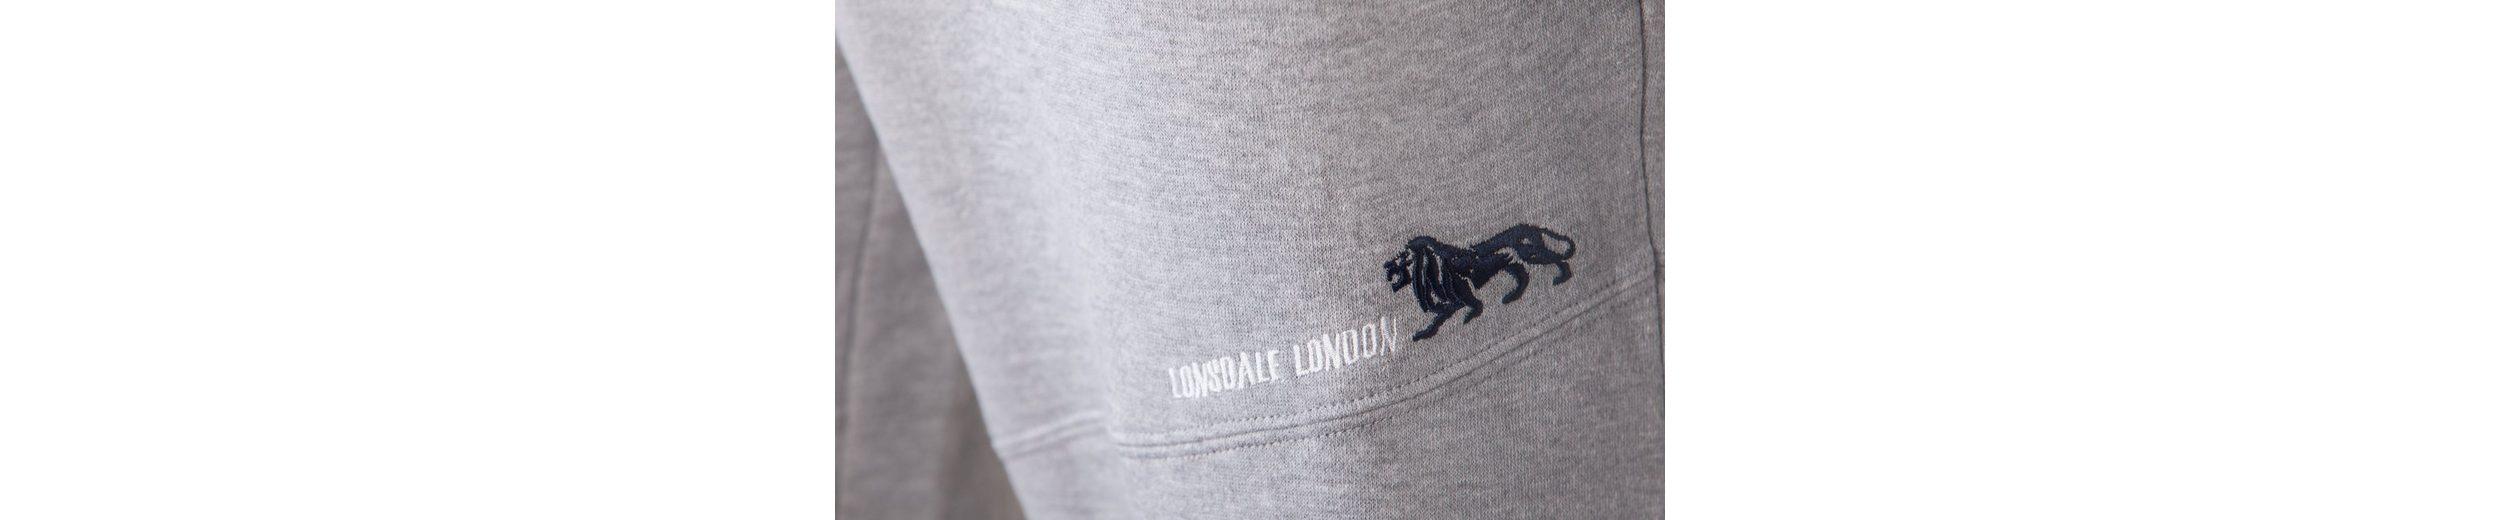 Austrittsstellen Online Lonsdale Jogginghose FORMBY Original- Bester Speicher Billig Online Zu Bekommen Günstig Kaufen Besuch Billig Zu Kaufen YRAESA